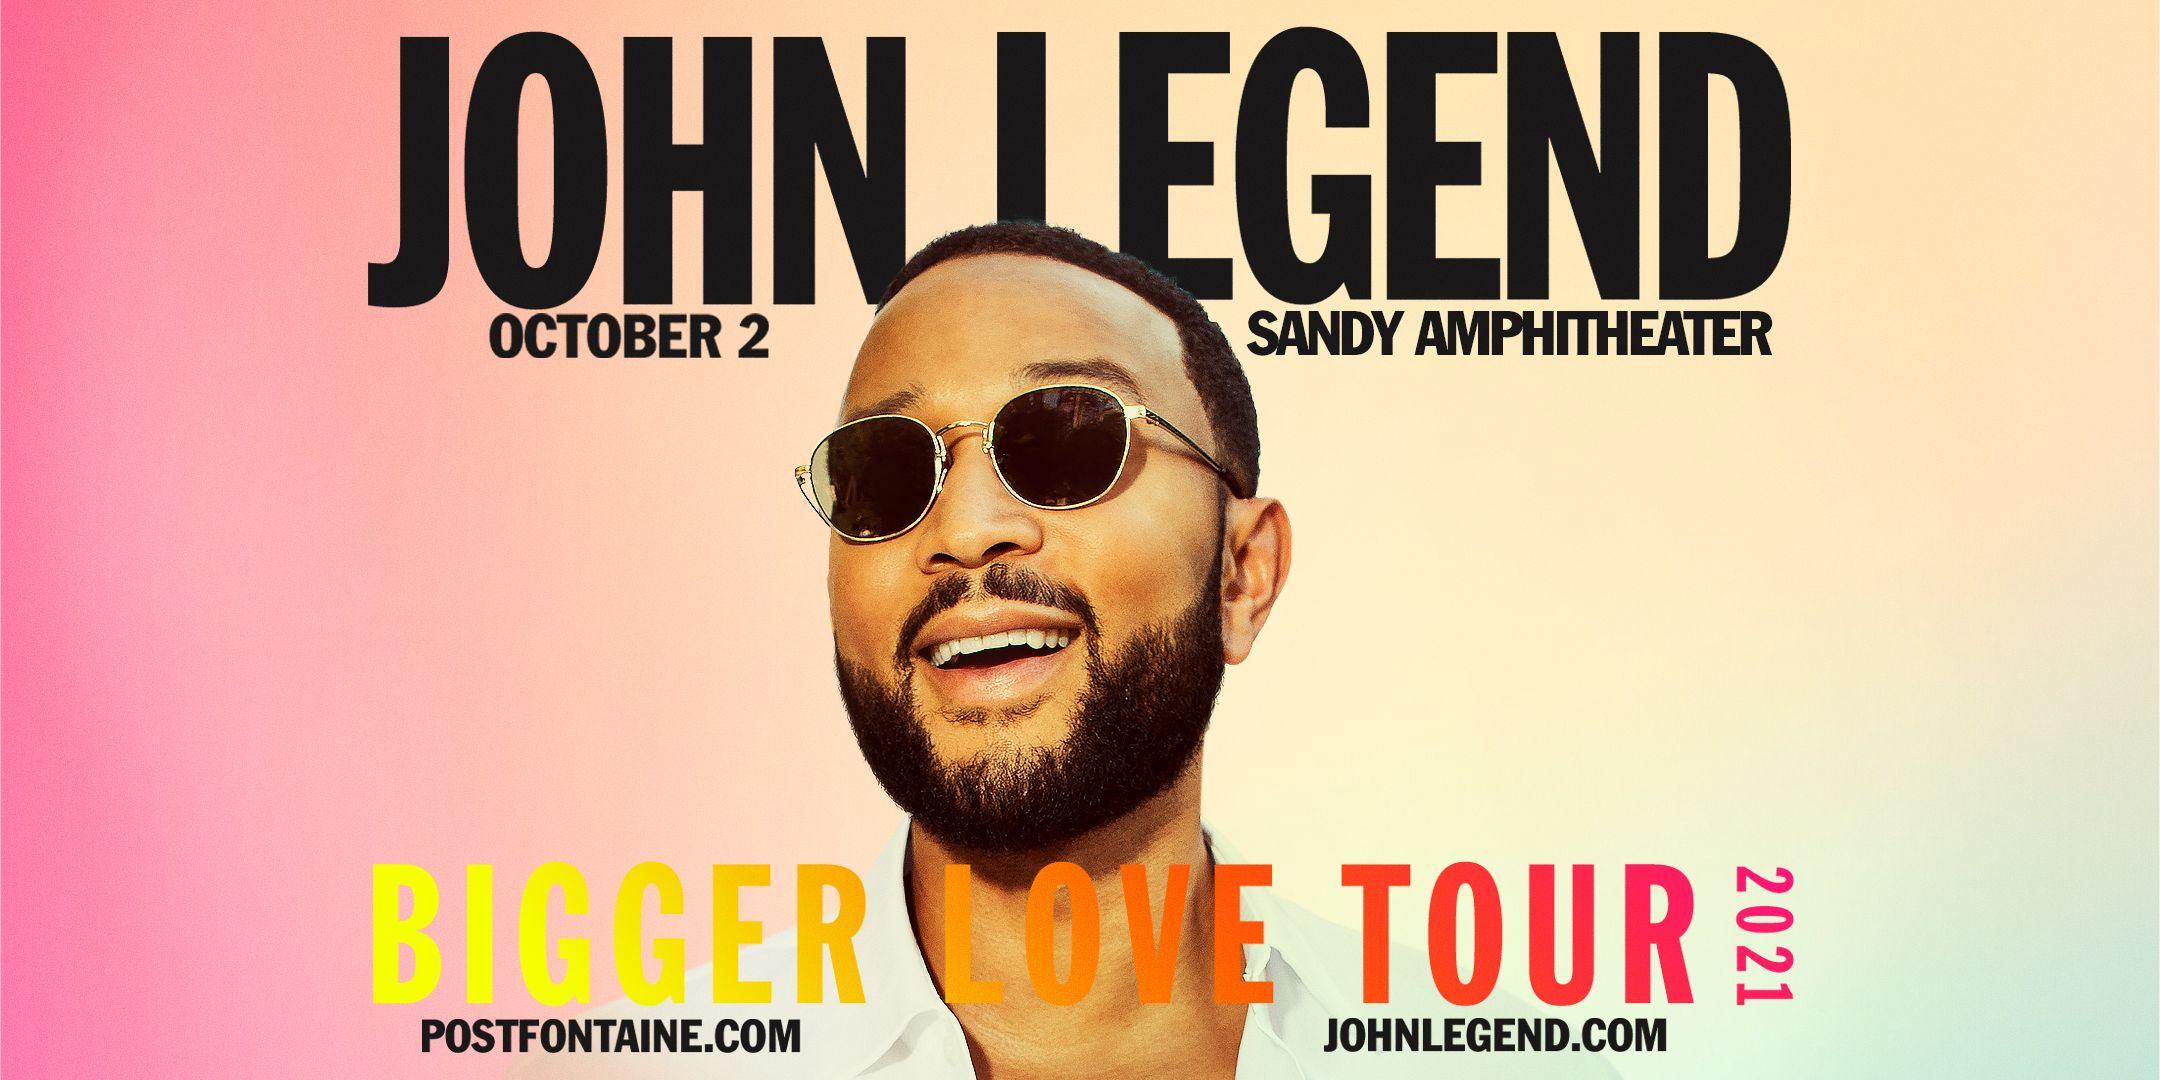 john_legend_banner.jpg